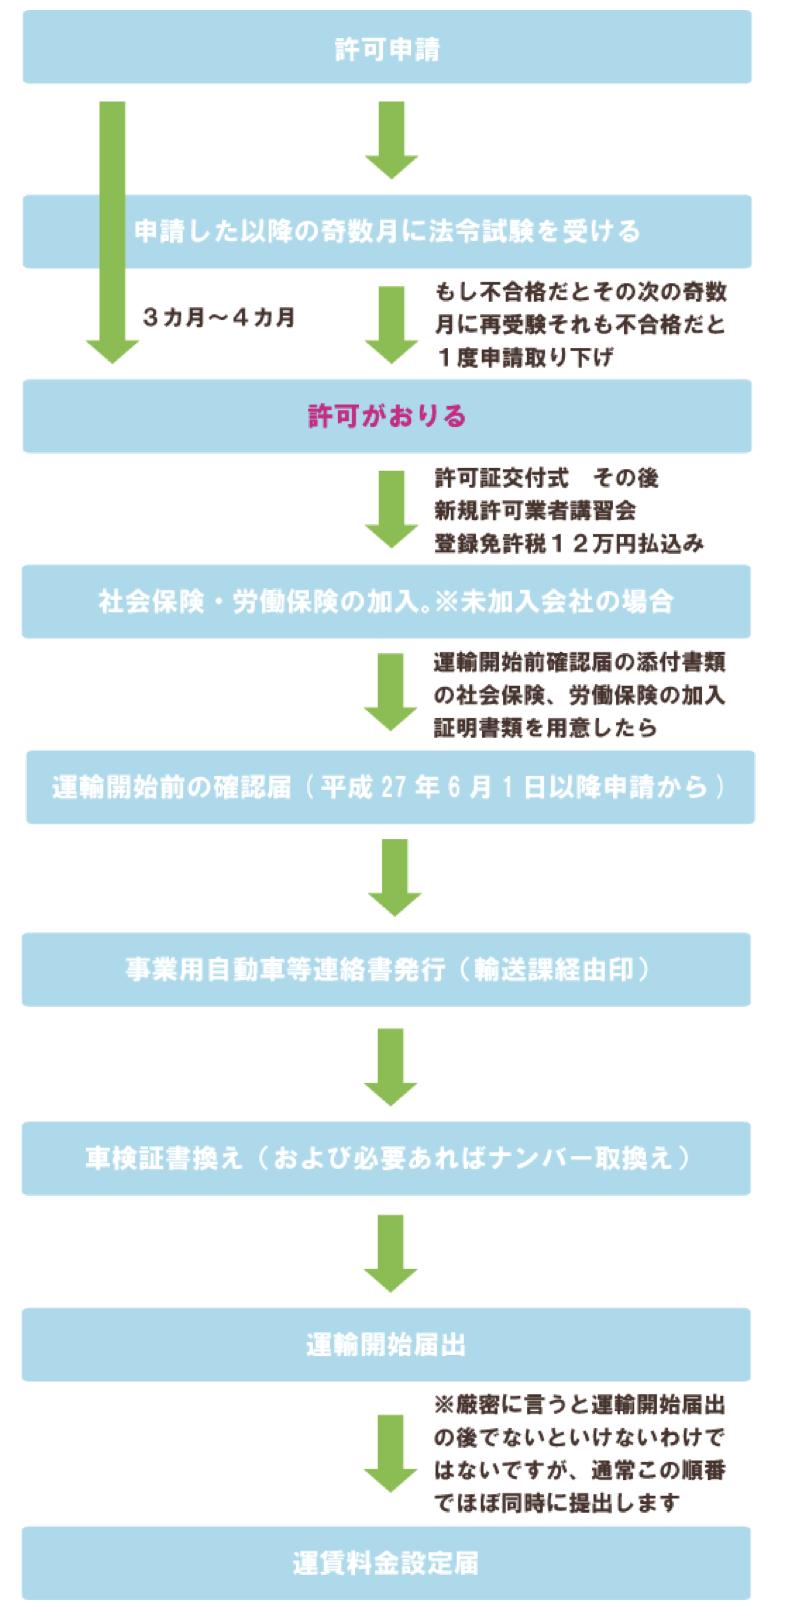 霊柩車 緑ナンバー 新規許可の流れ図